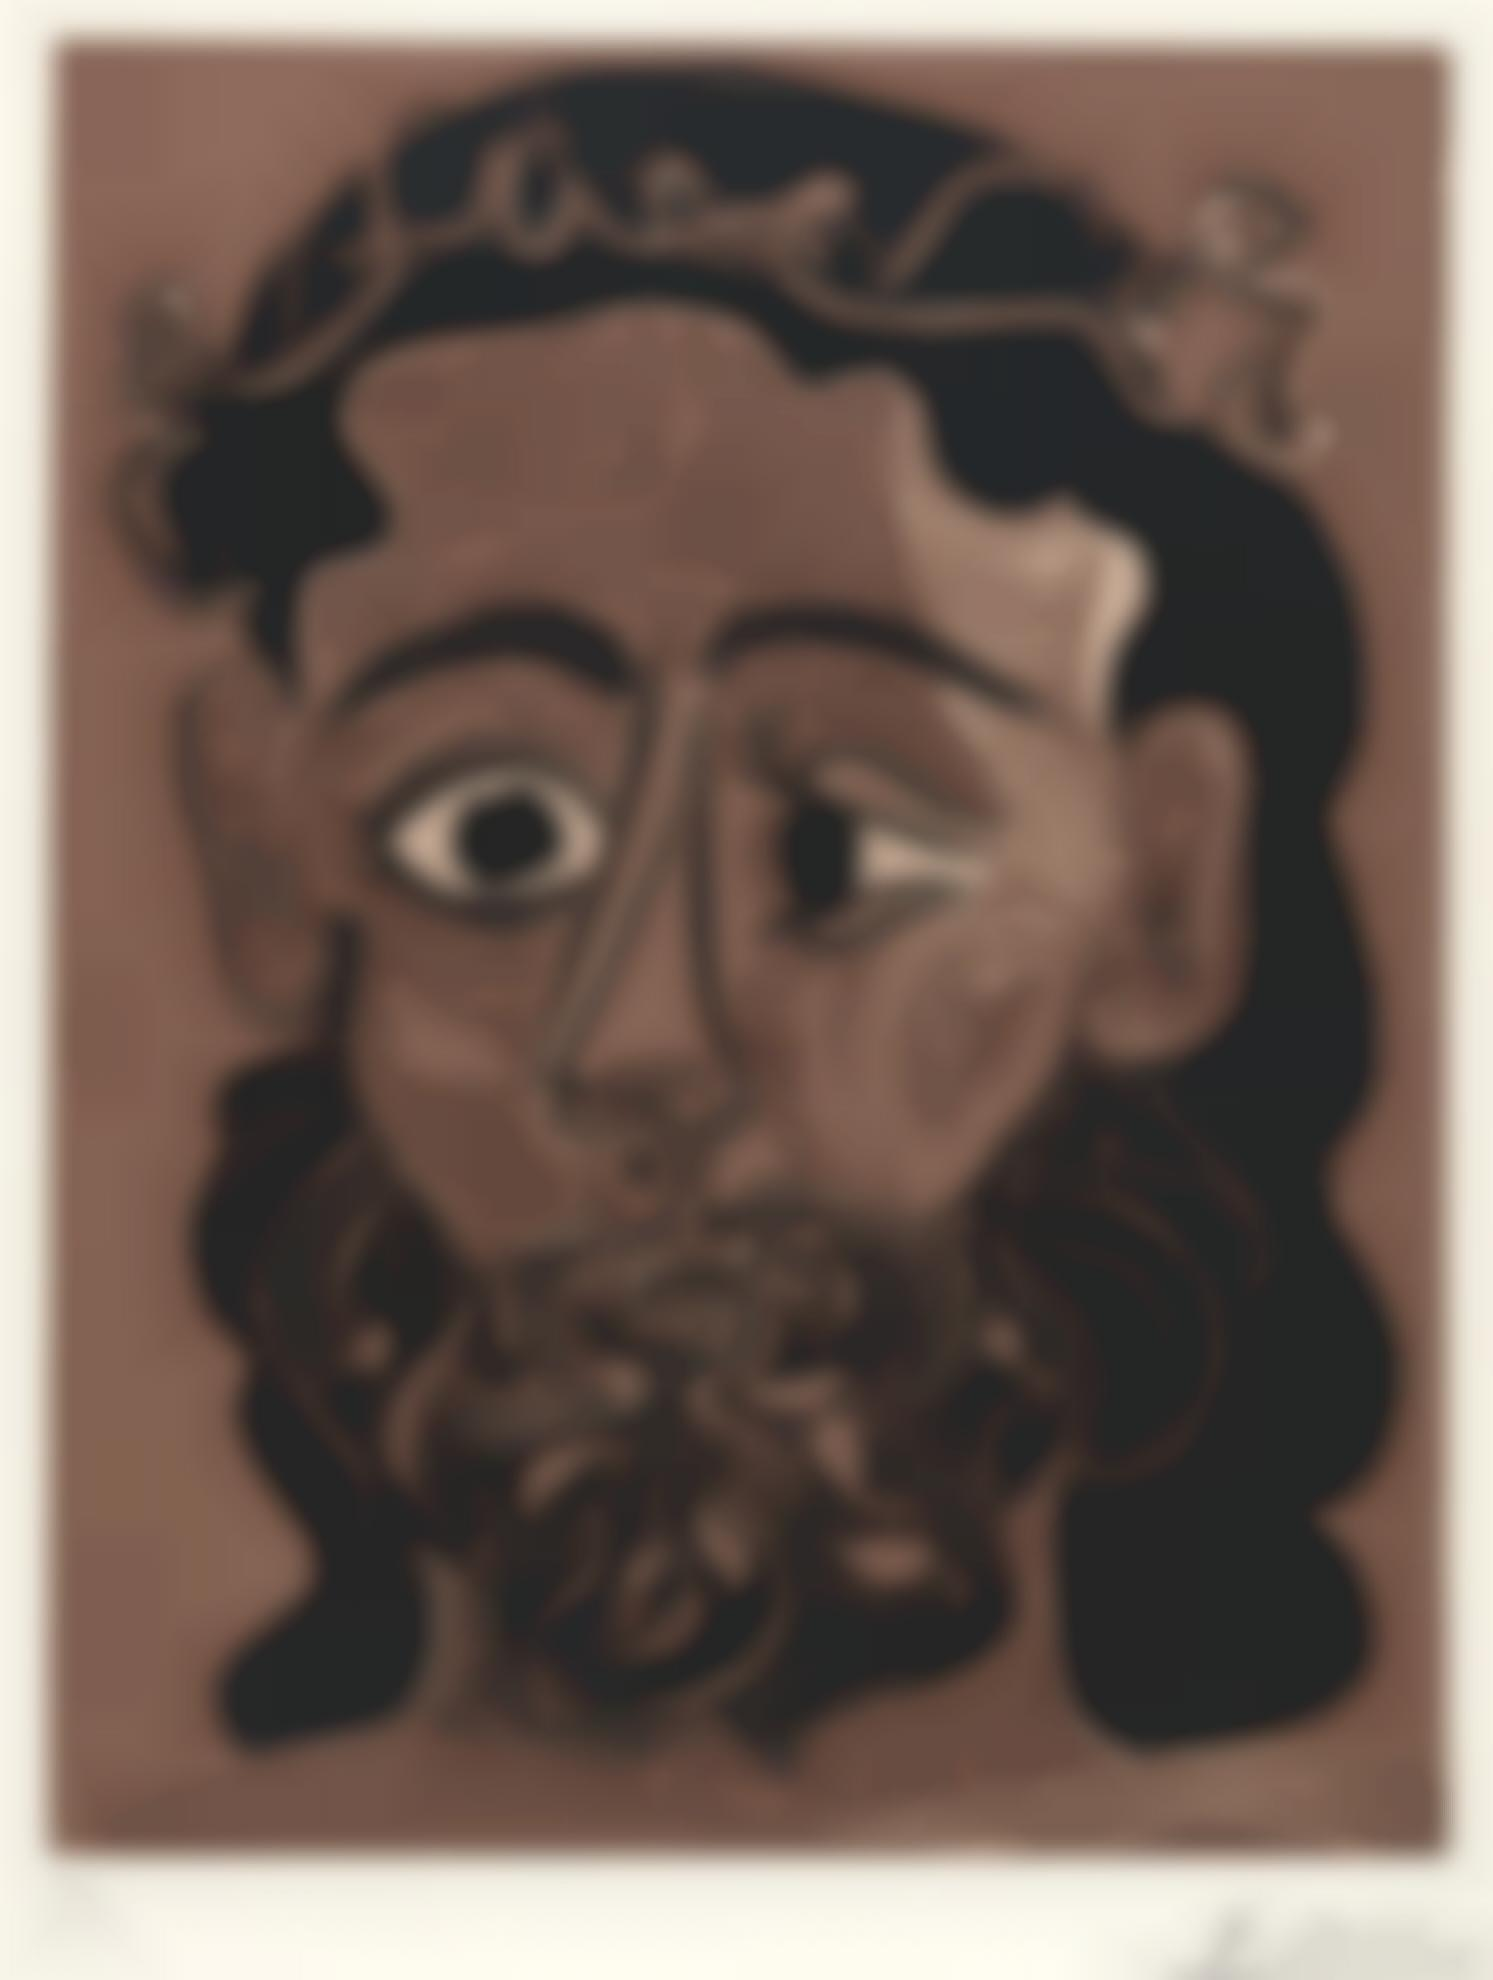 Pablo Picasso-Homme Barbu Couronne De Feuilles De Vigne (B. 1088; Ba. 1308; Pp. L-129)-1962